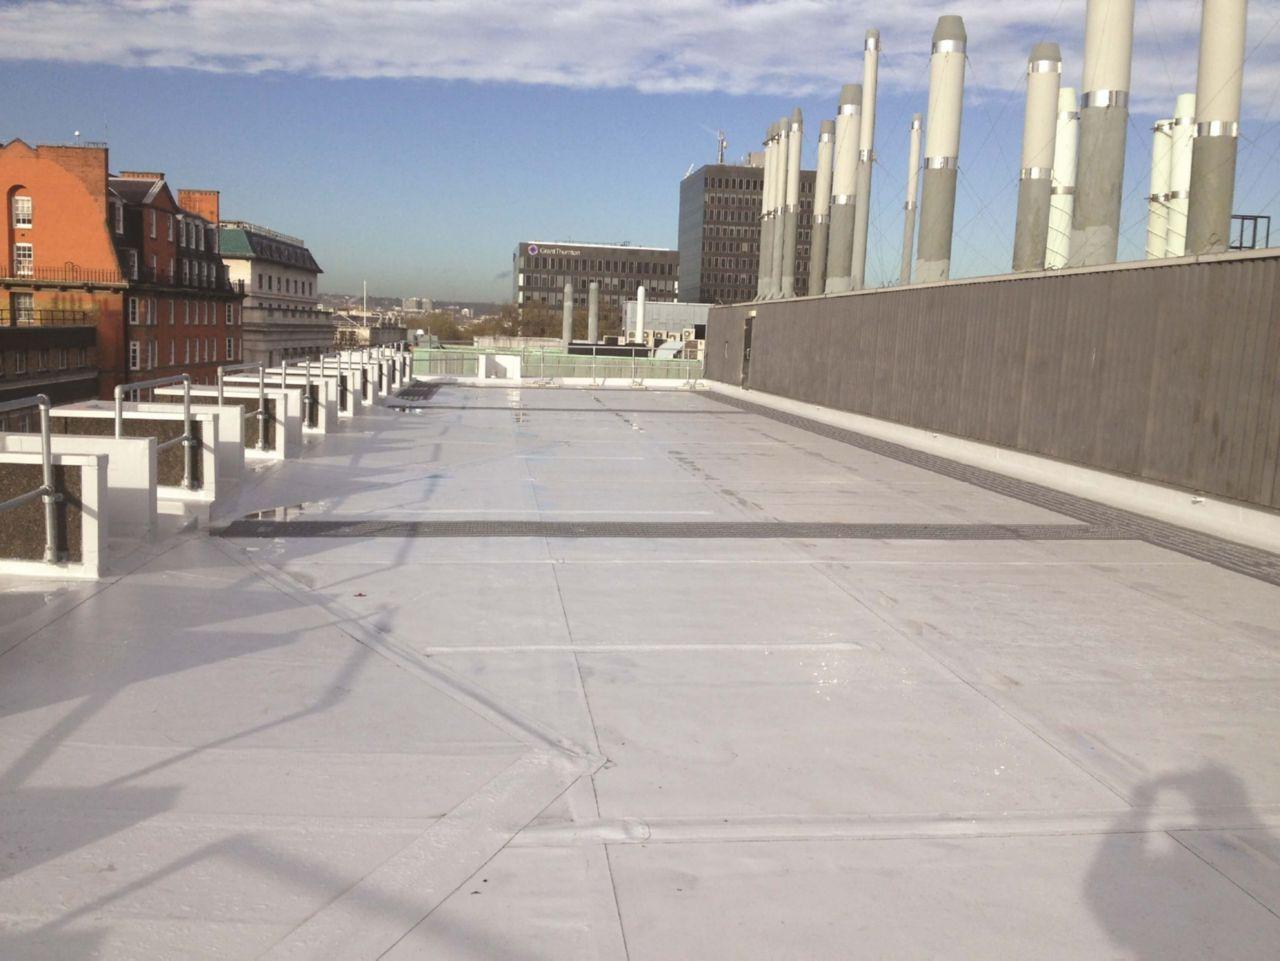 Sika Sarnafil UCL Flat Roof Project